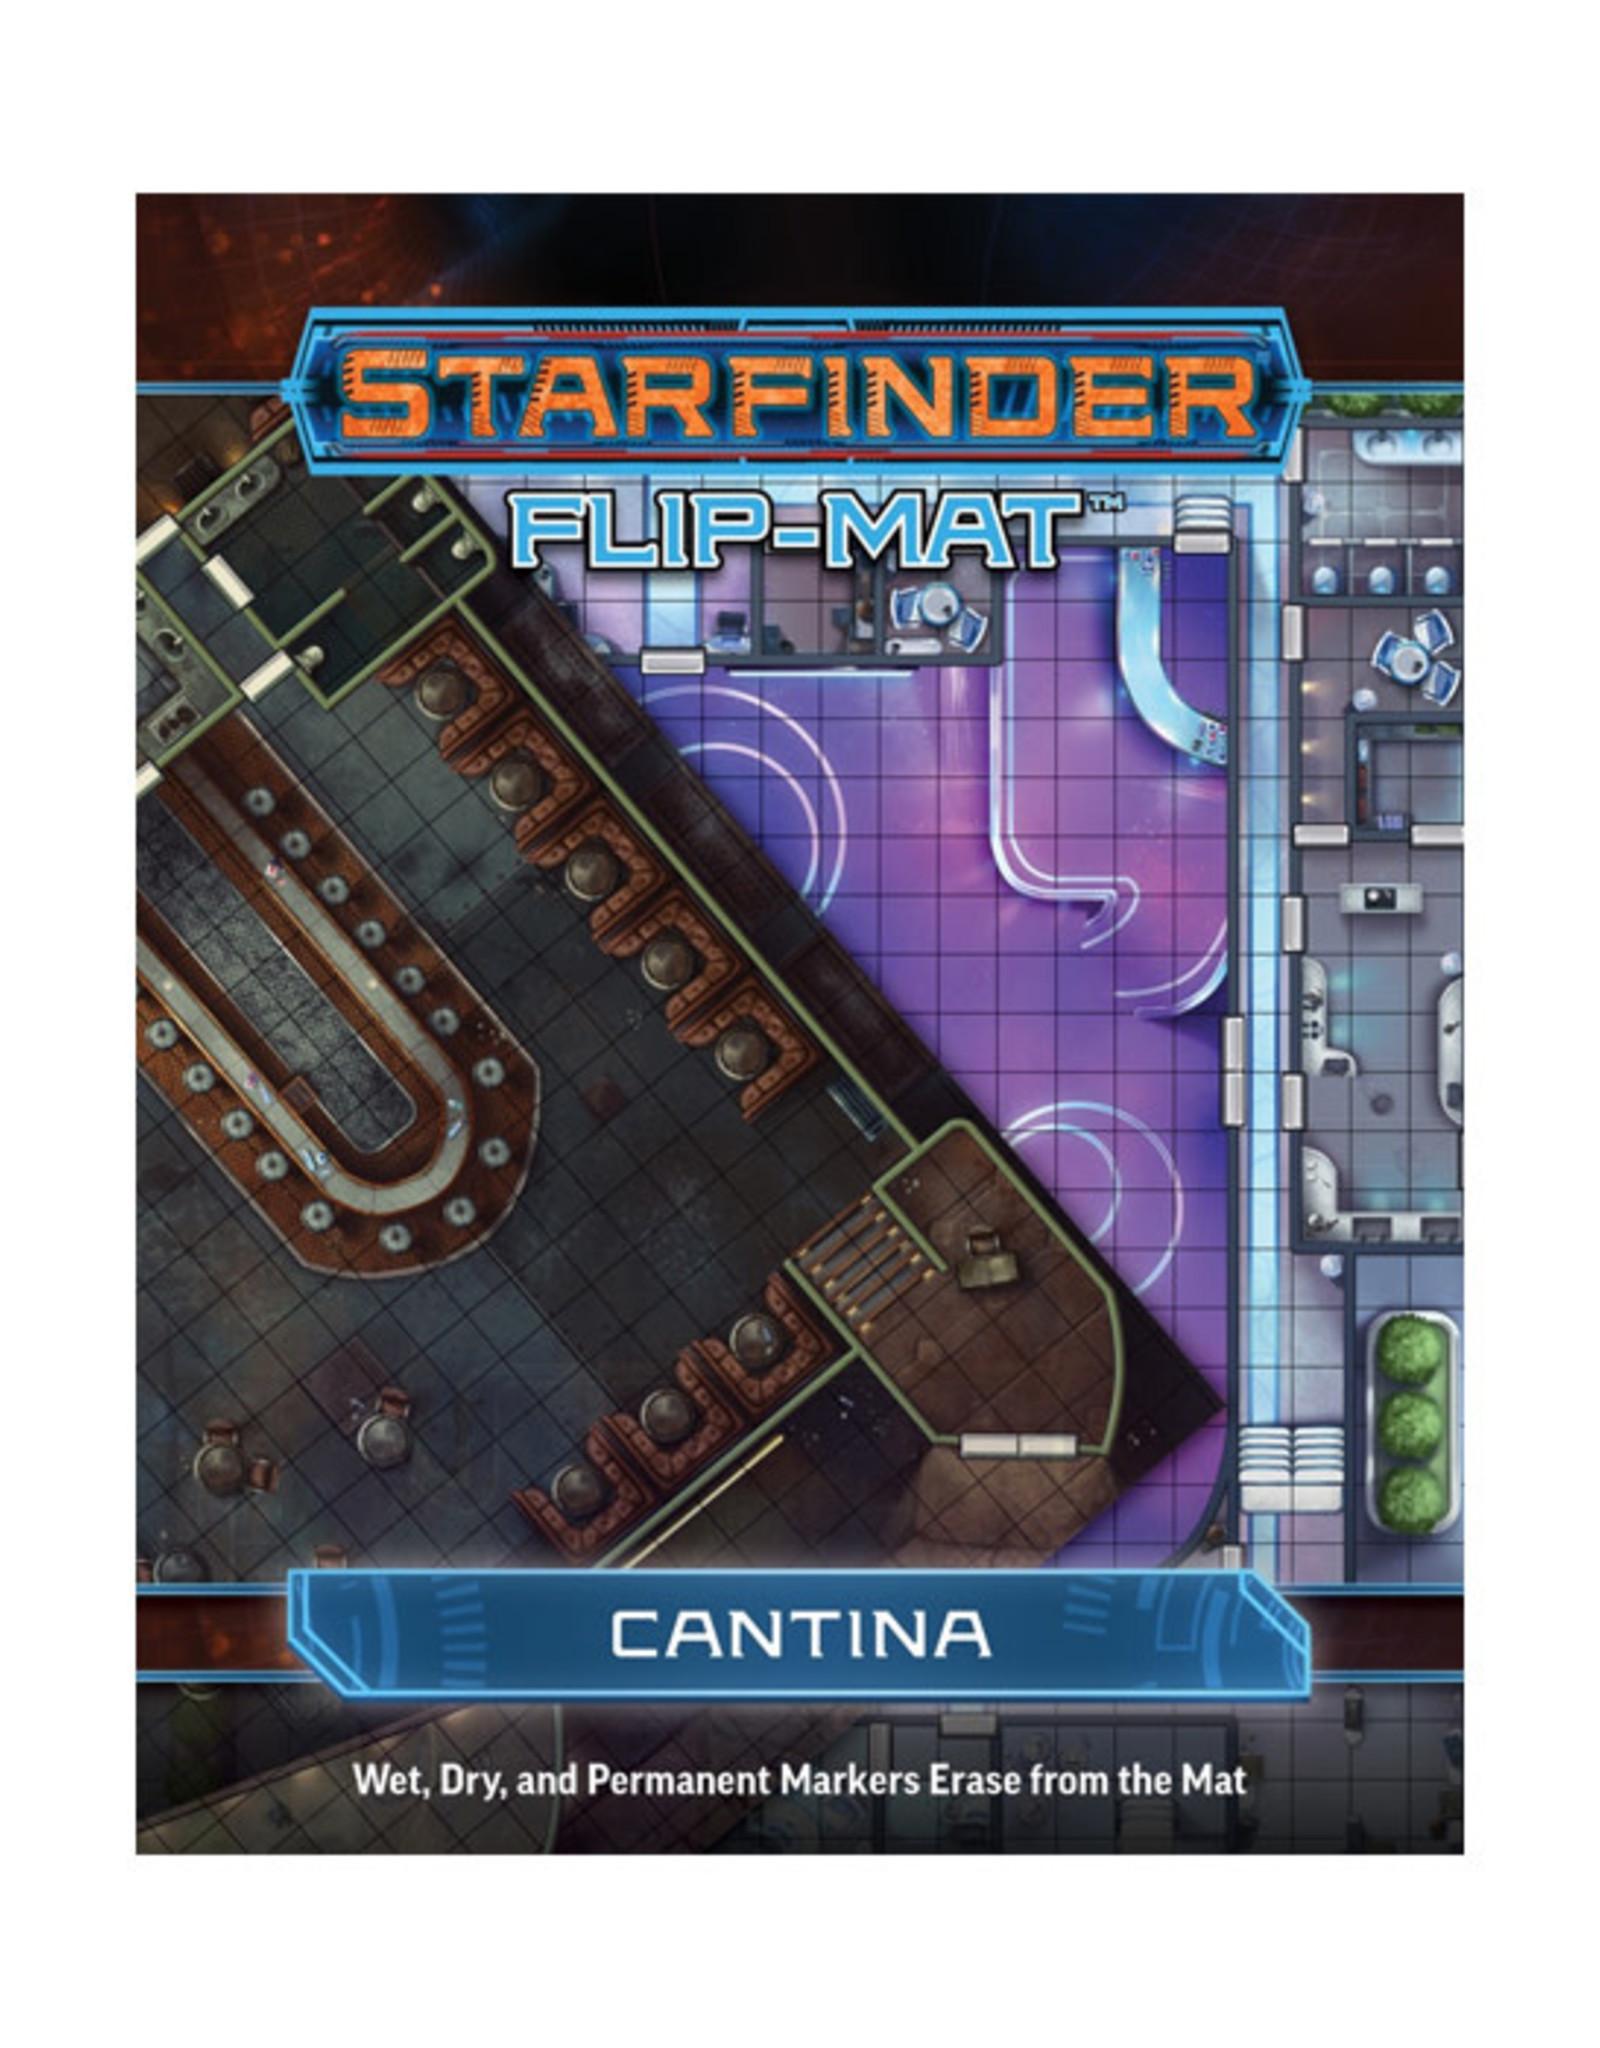 Starfinder Starfinder: Flip-Mat - Cantina